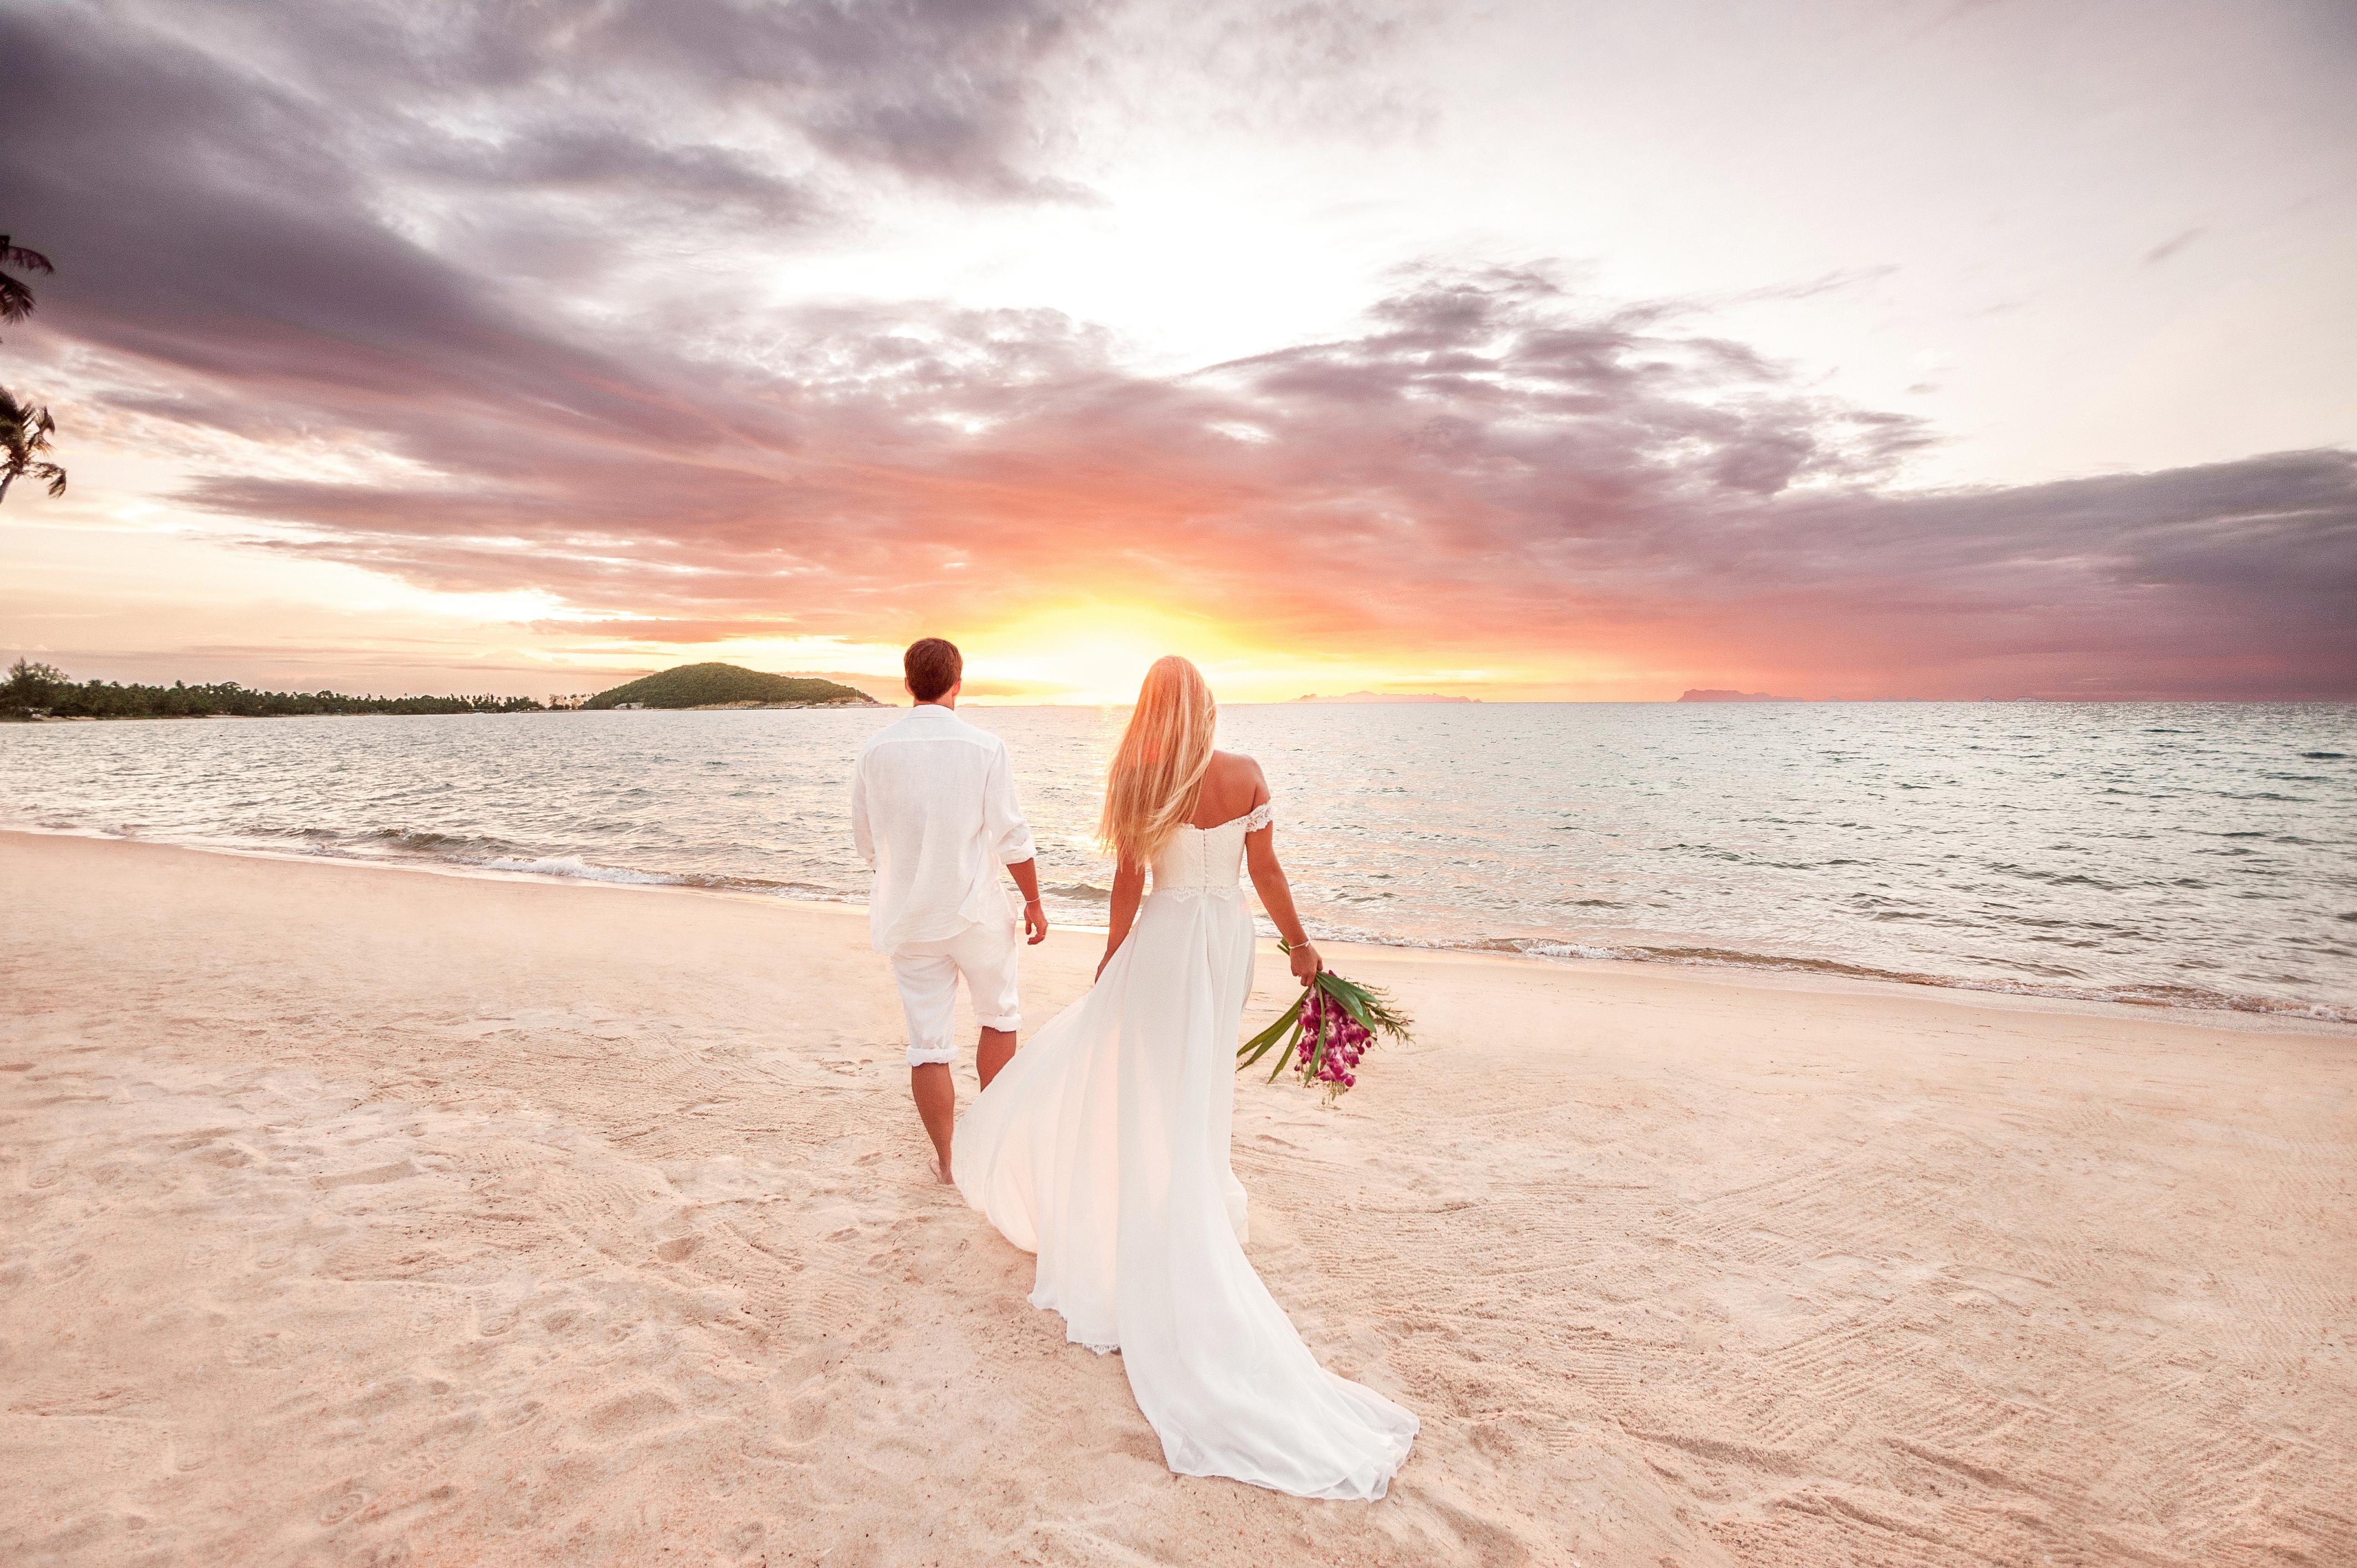 podróż poślubna 2019 - zdjęcie główne